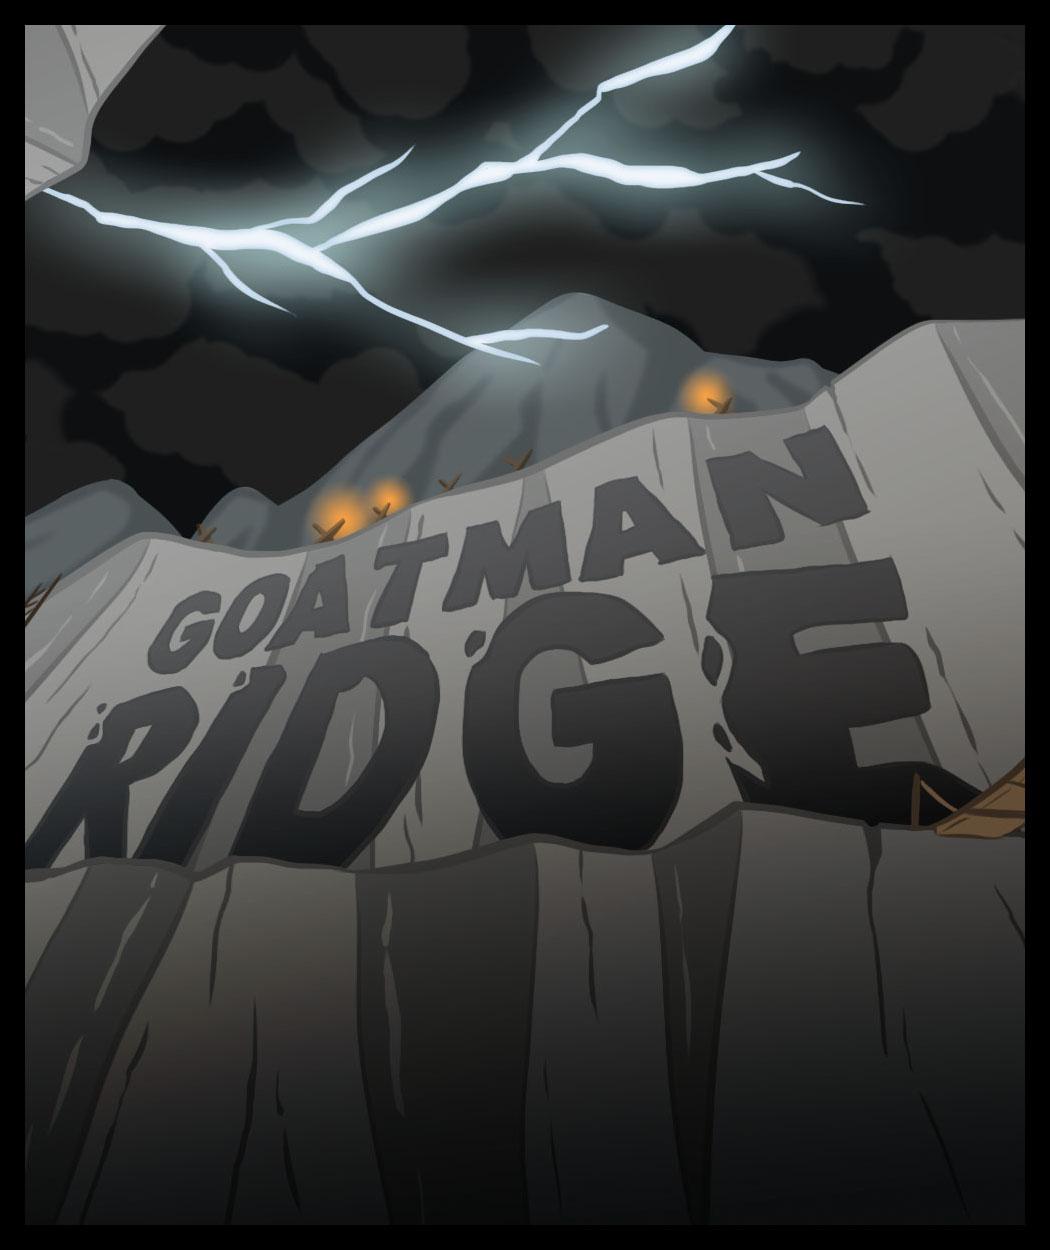 Goatman Ridge